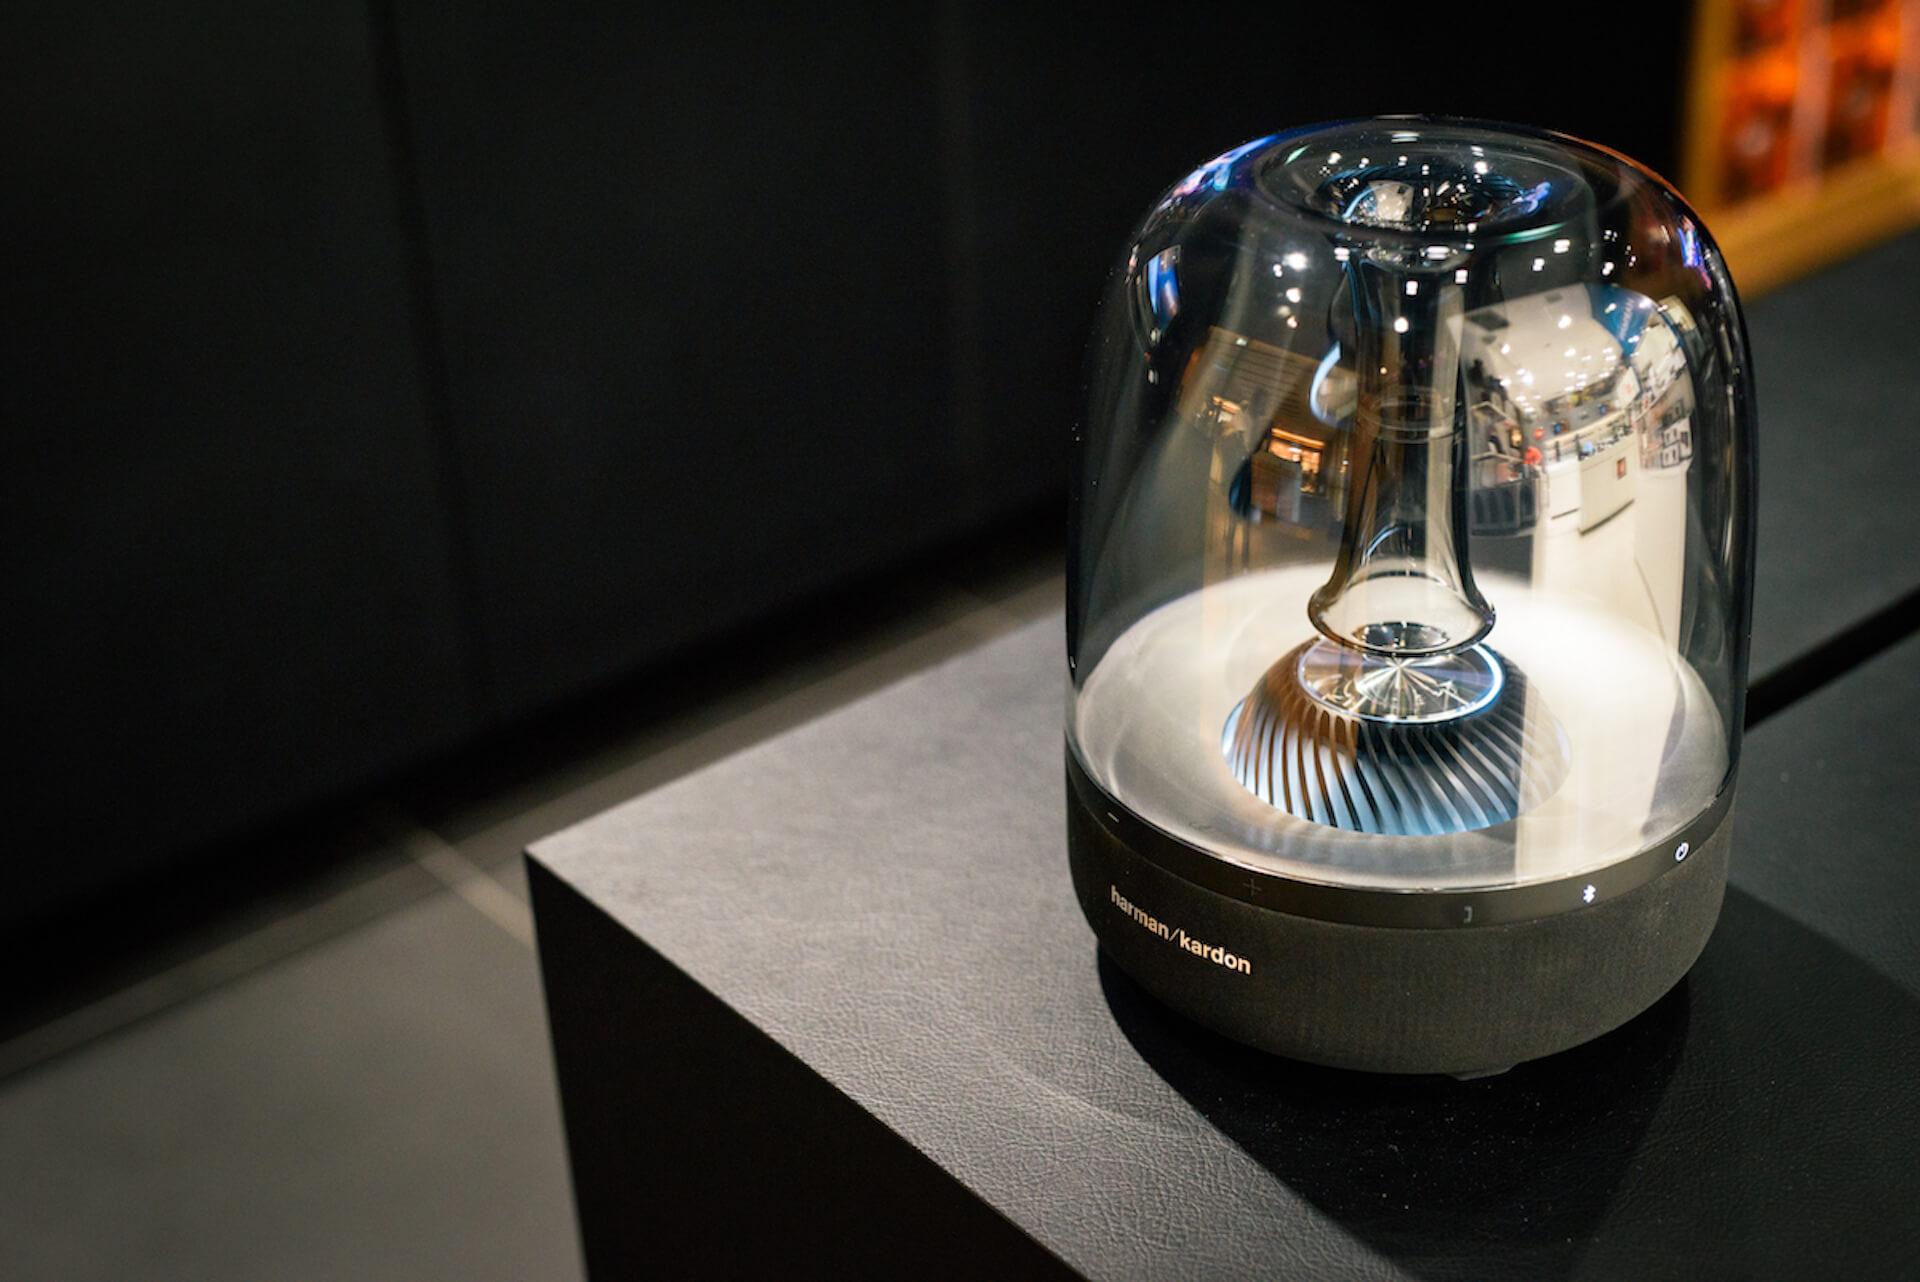 アルファ ロメオなど高級車にも採用。ハーマンカードンのオーディオの歴史と魅力 tech201118_mondoalfa_harmankardon_5_main